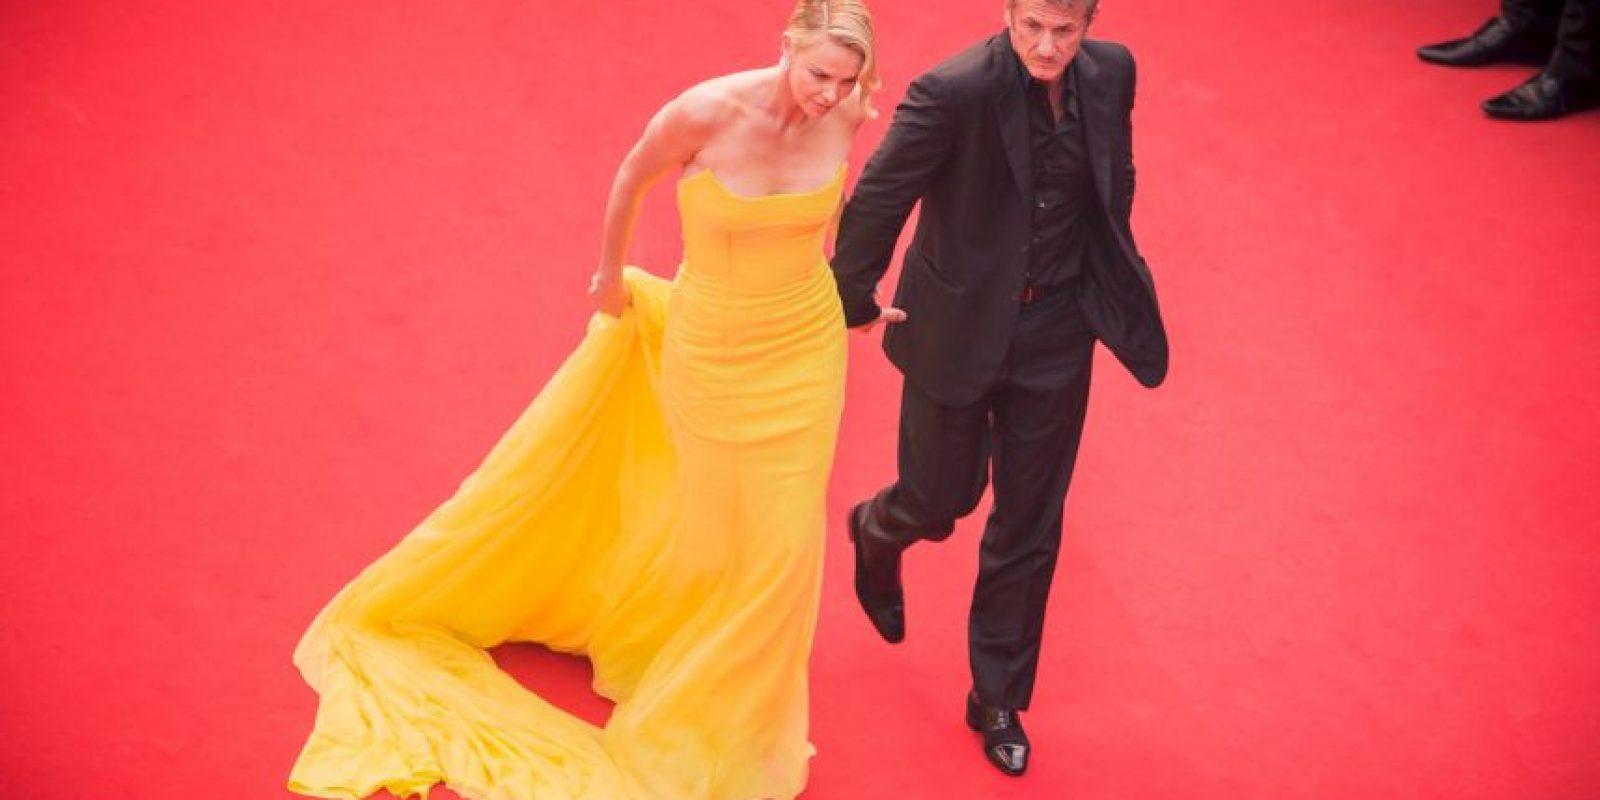 Los actores han roto su compromiso matrimonial. Foto:Getty Images